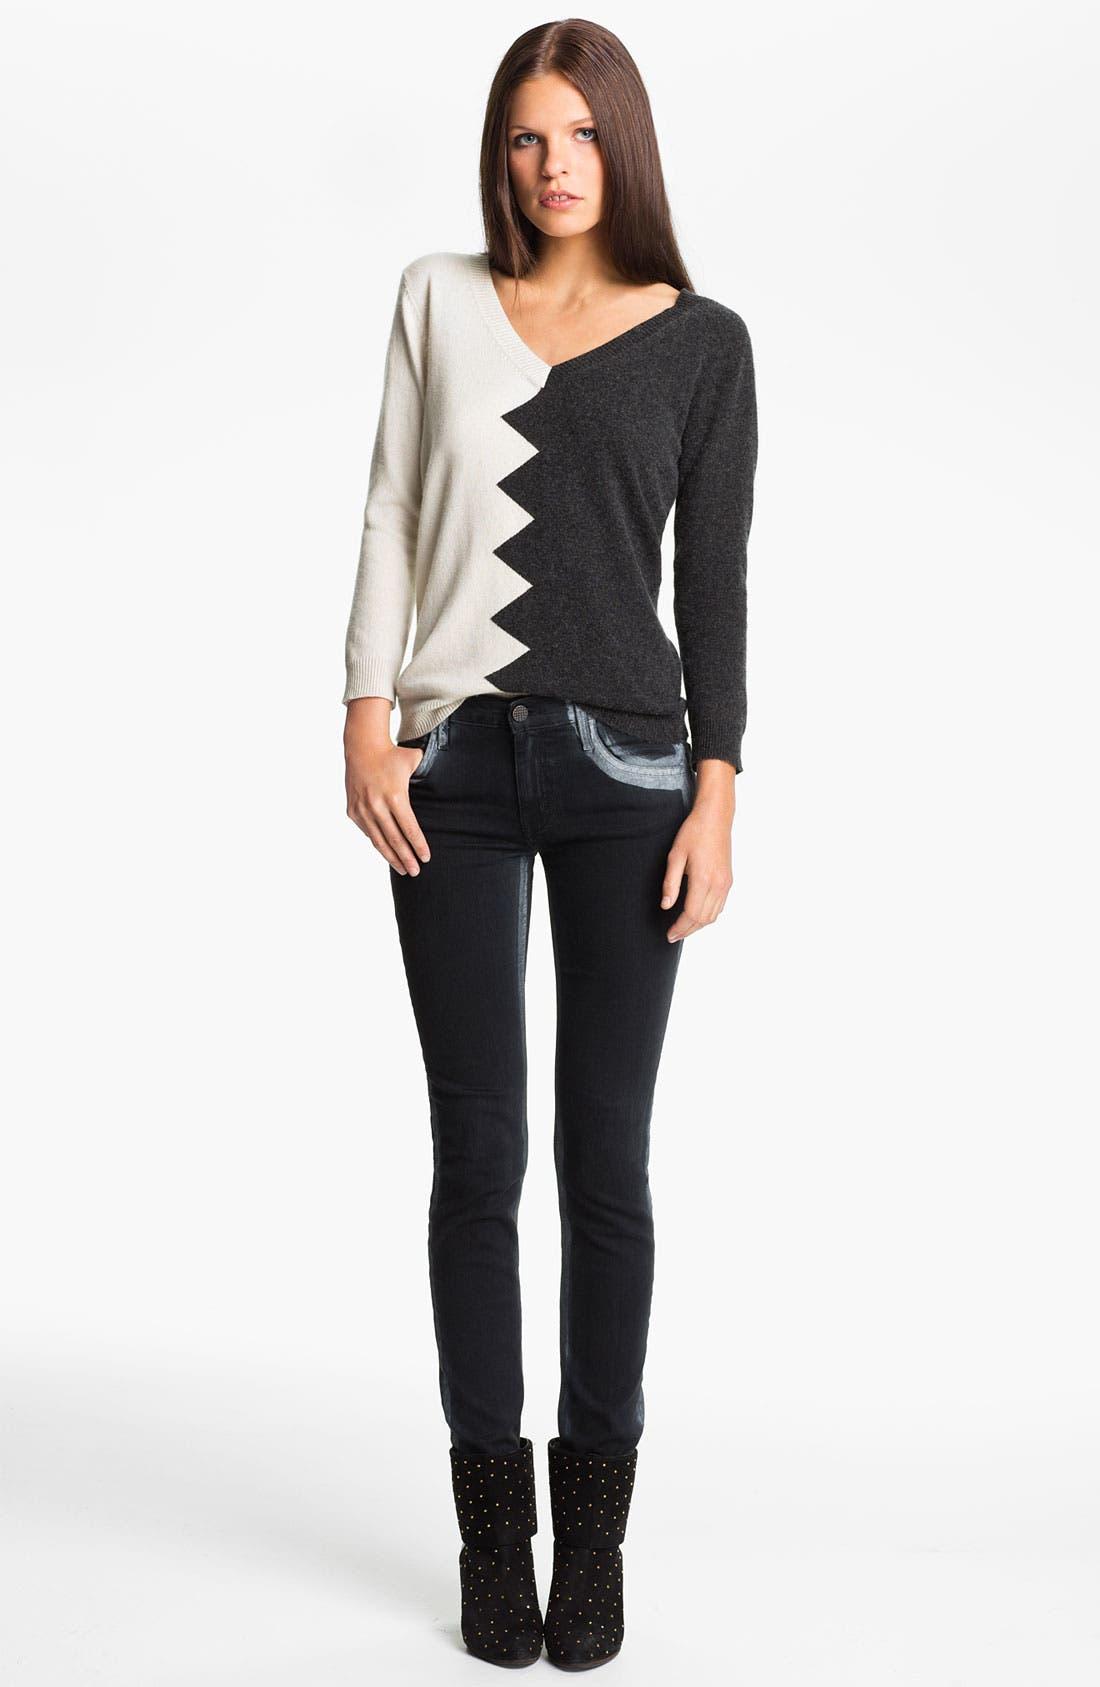 Alternate Image 1 Selected - Kelly Wearstler 'Zigzag Slither' V-Neck Pullover